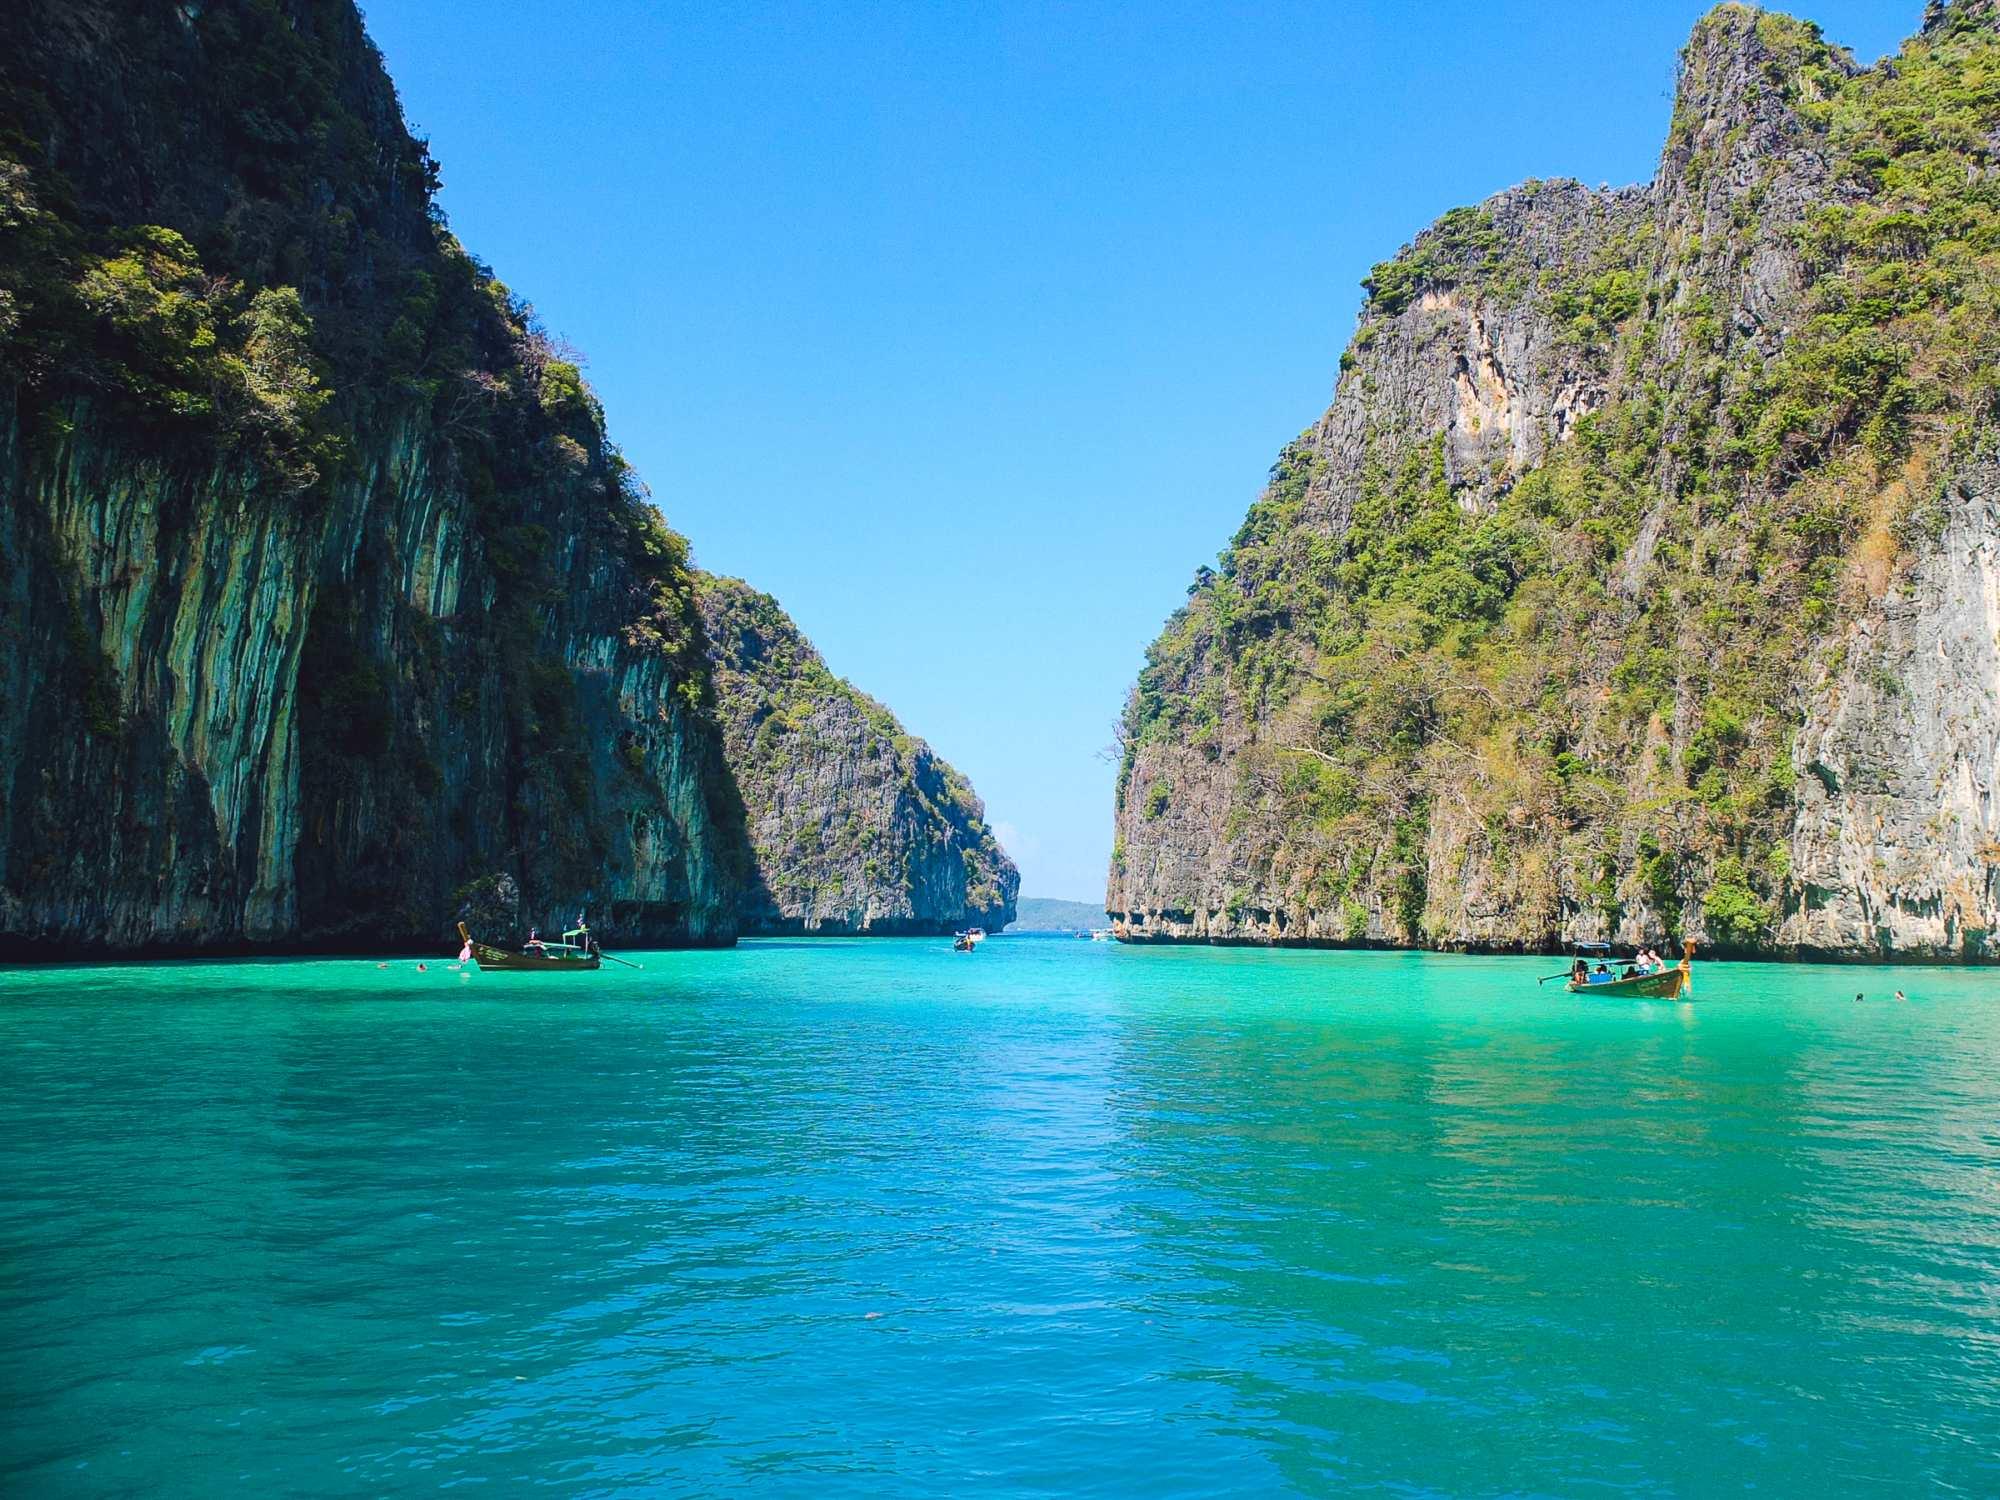 Gerelateerd blog artikel De prachtige Phi Phi eilanden in Thailand